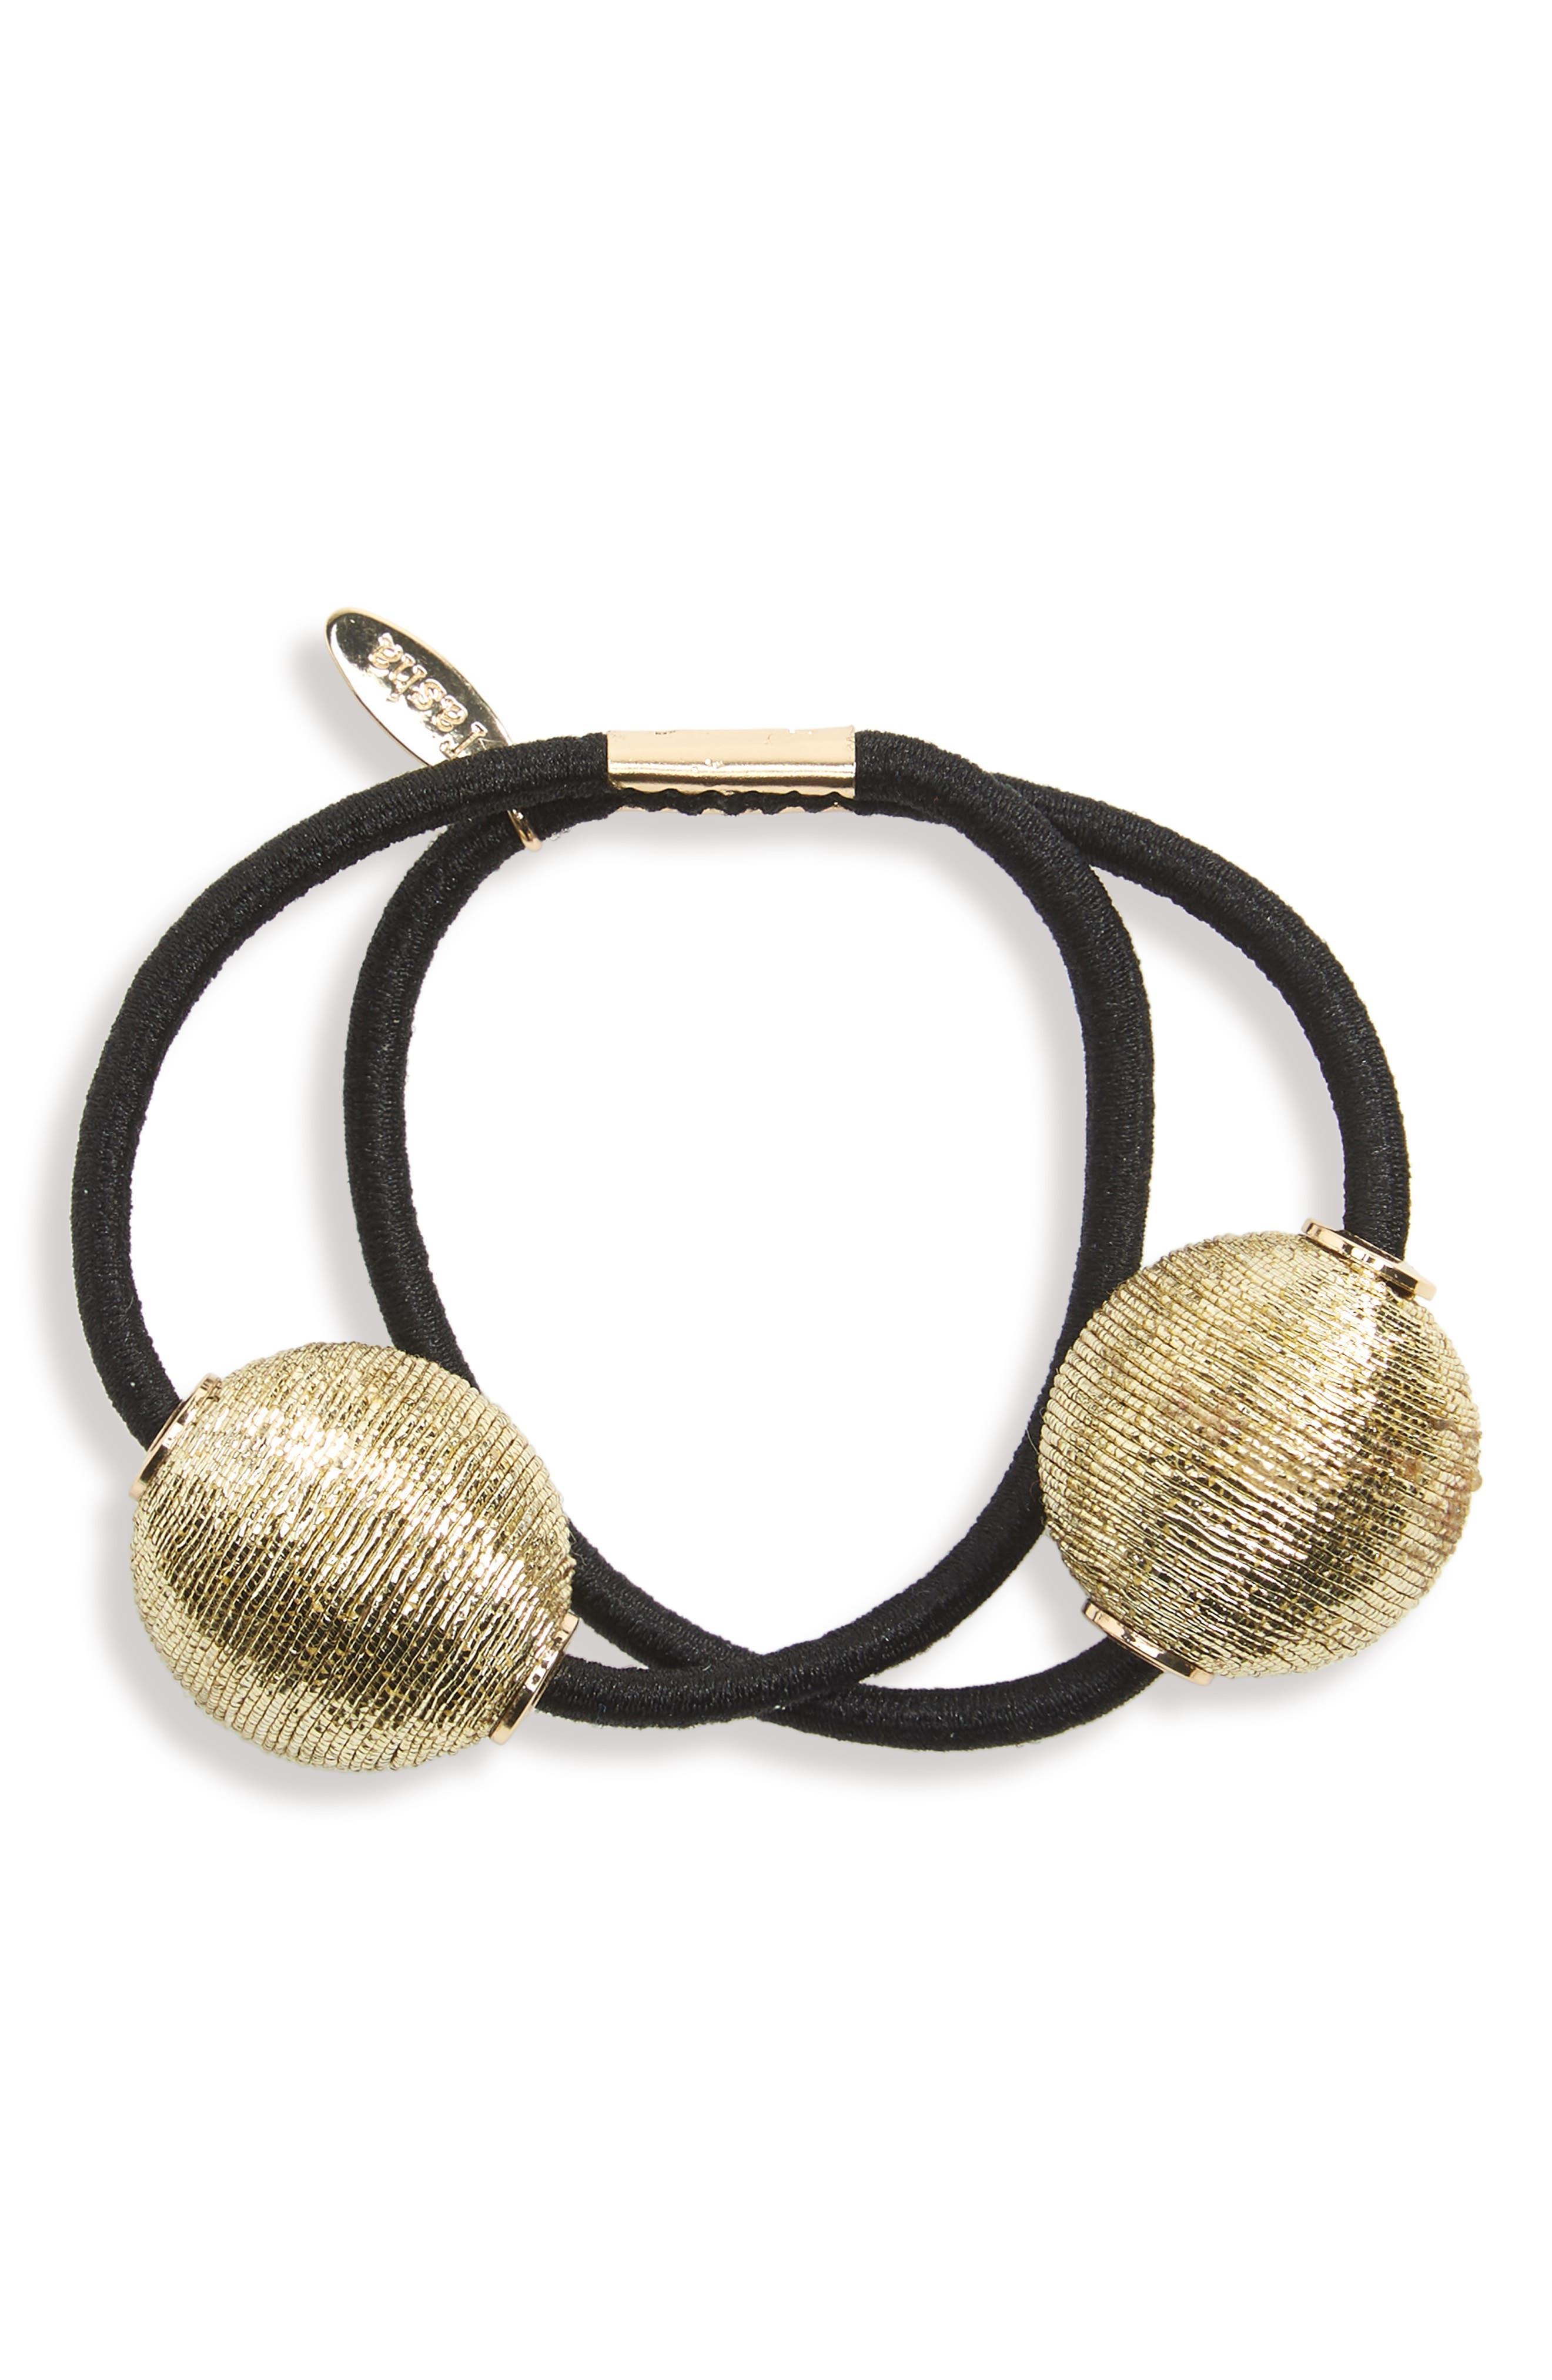 Main Image - Tasha Pearly Bead Double Ponytail Holder